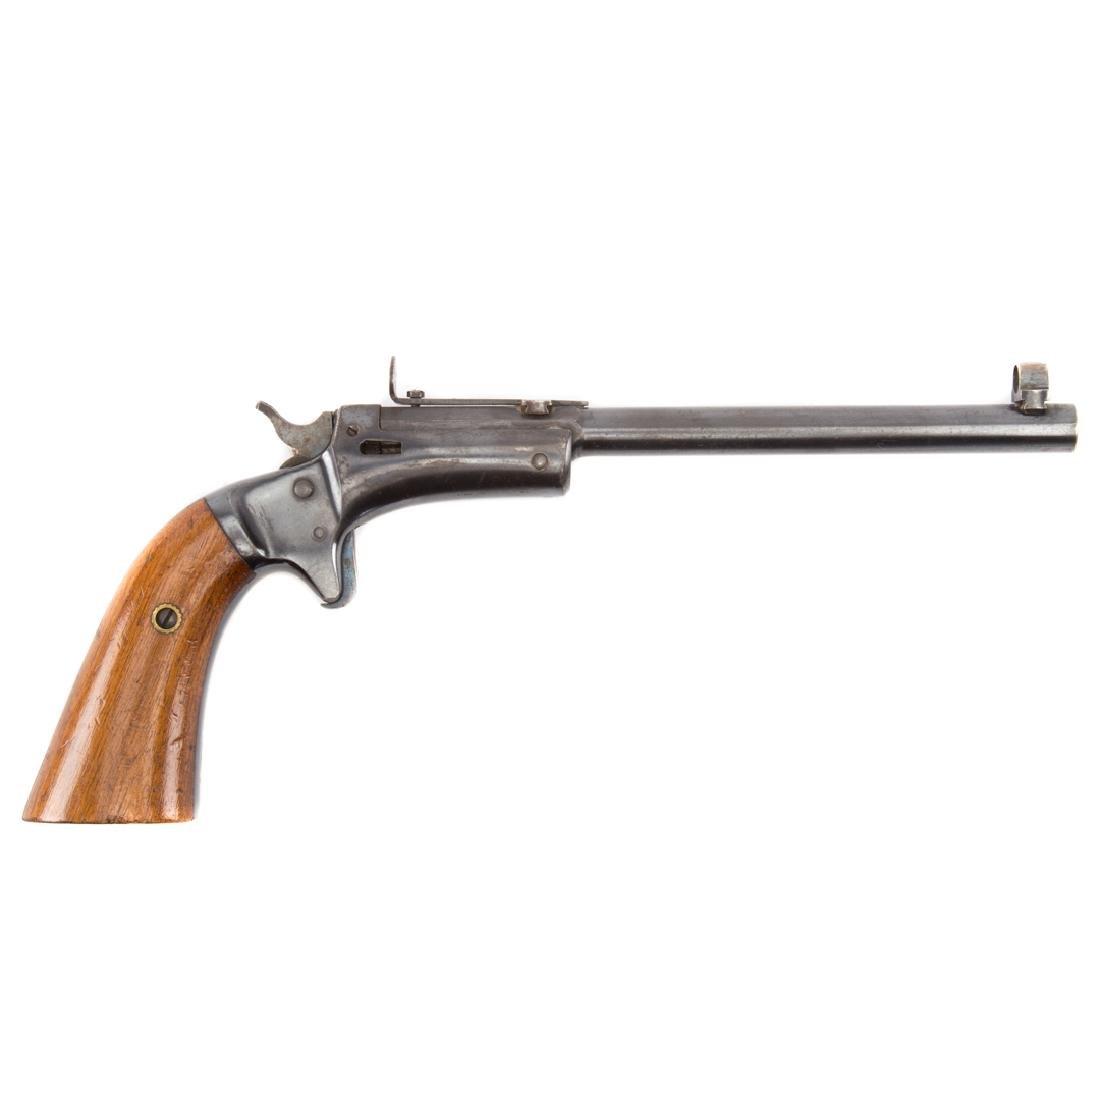 J. Stevens single shot pistol